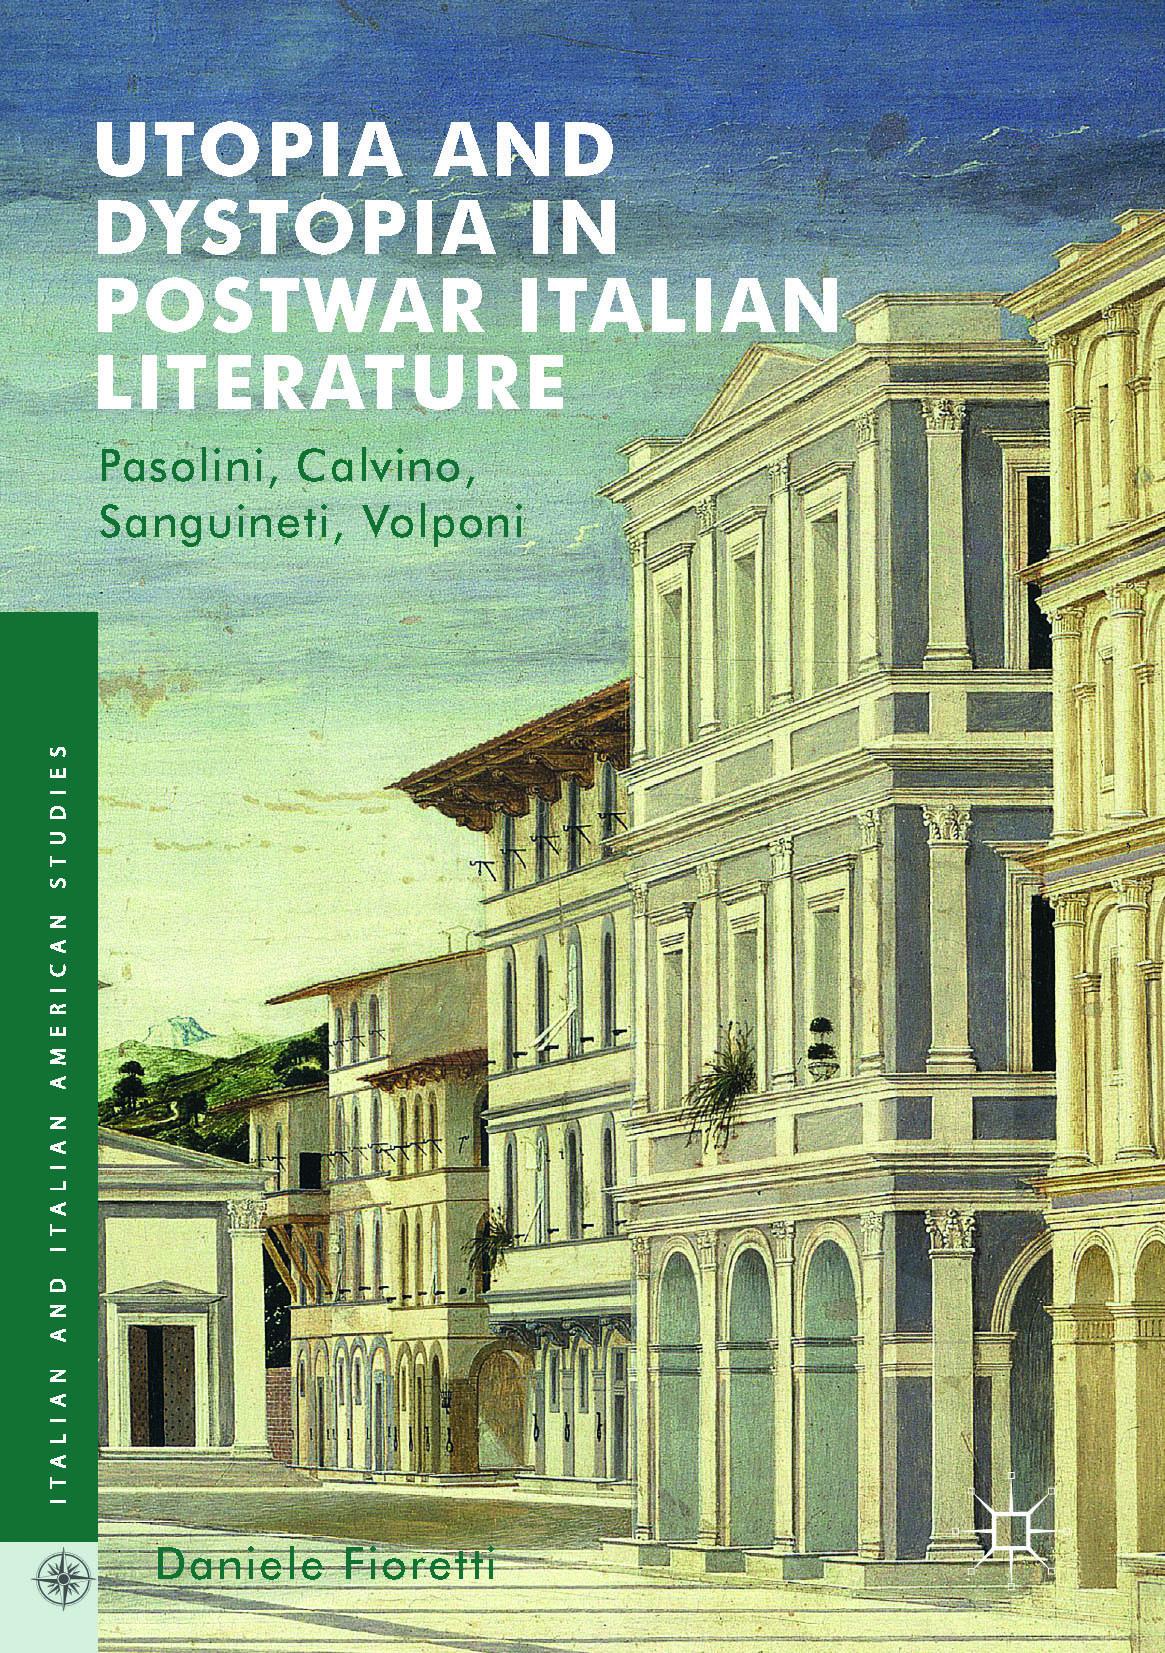 Fioretti, Daniele - Utopia and Dystopia in Postwar Italian Literature, ebook